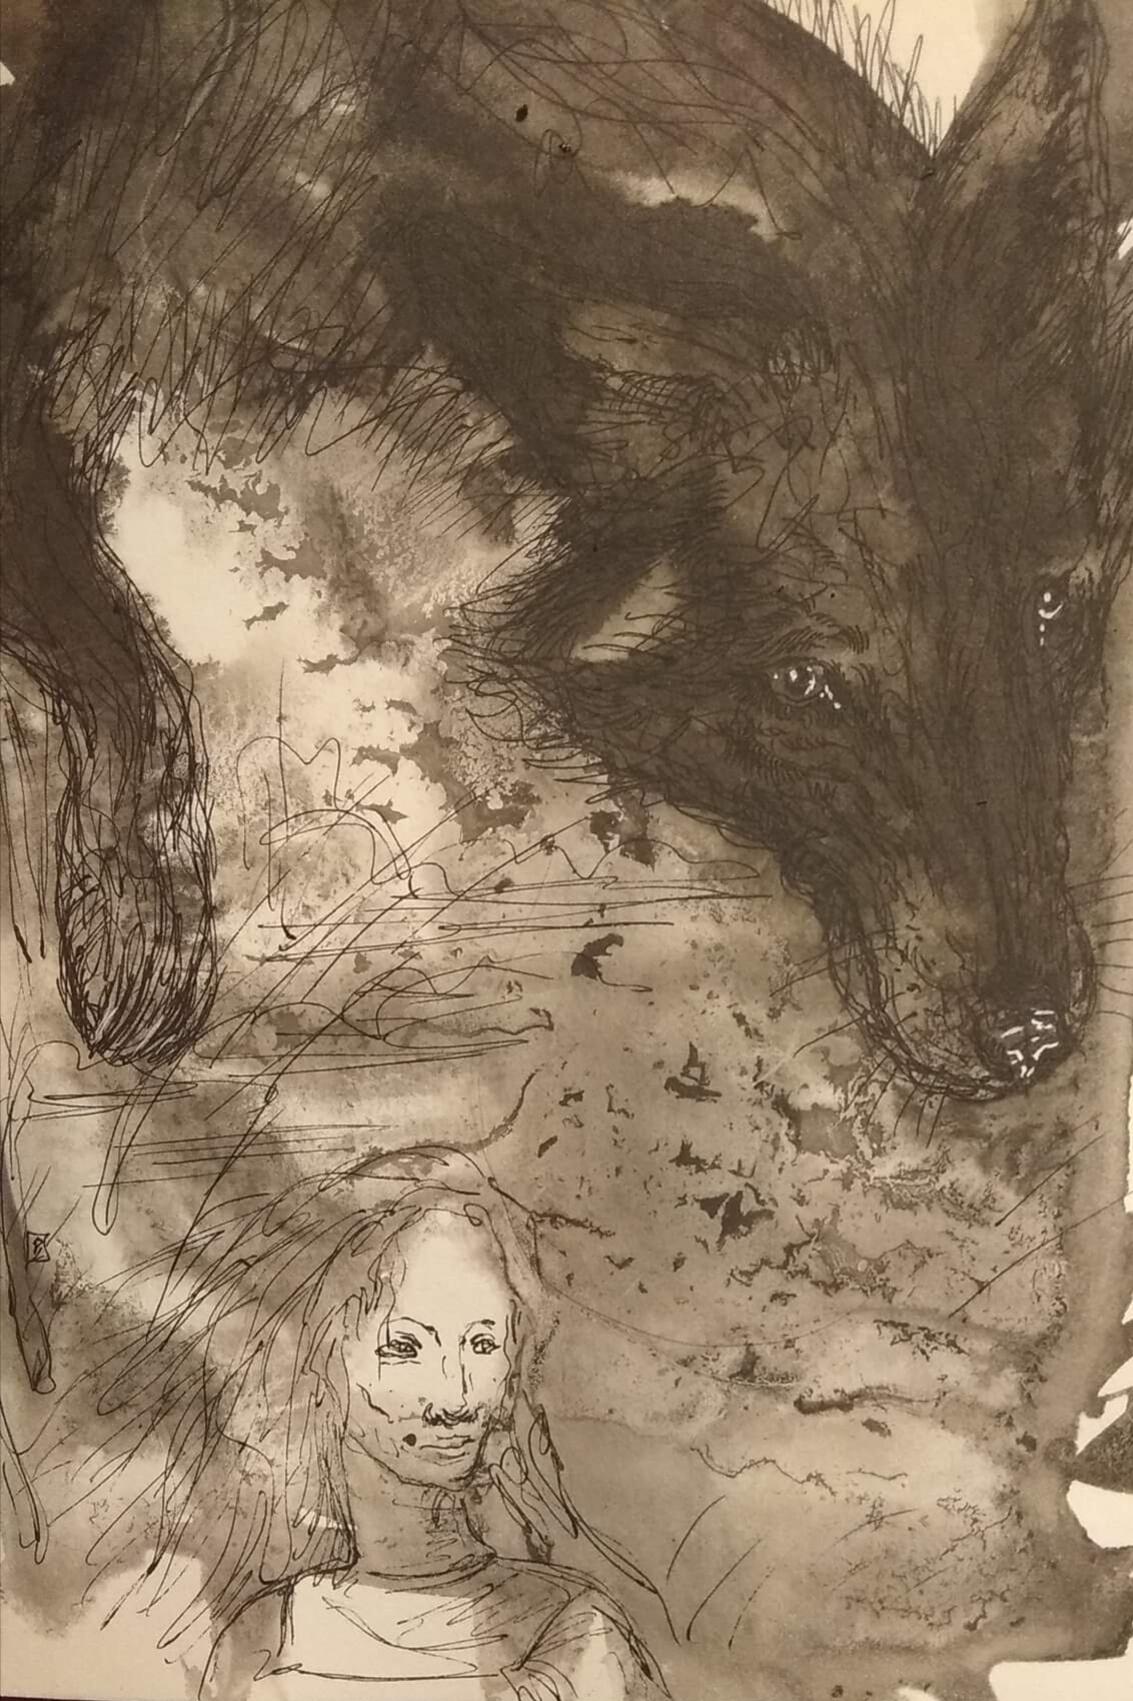 Ирина Михайловна Новикова. The story of the girl and the wolf